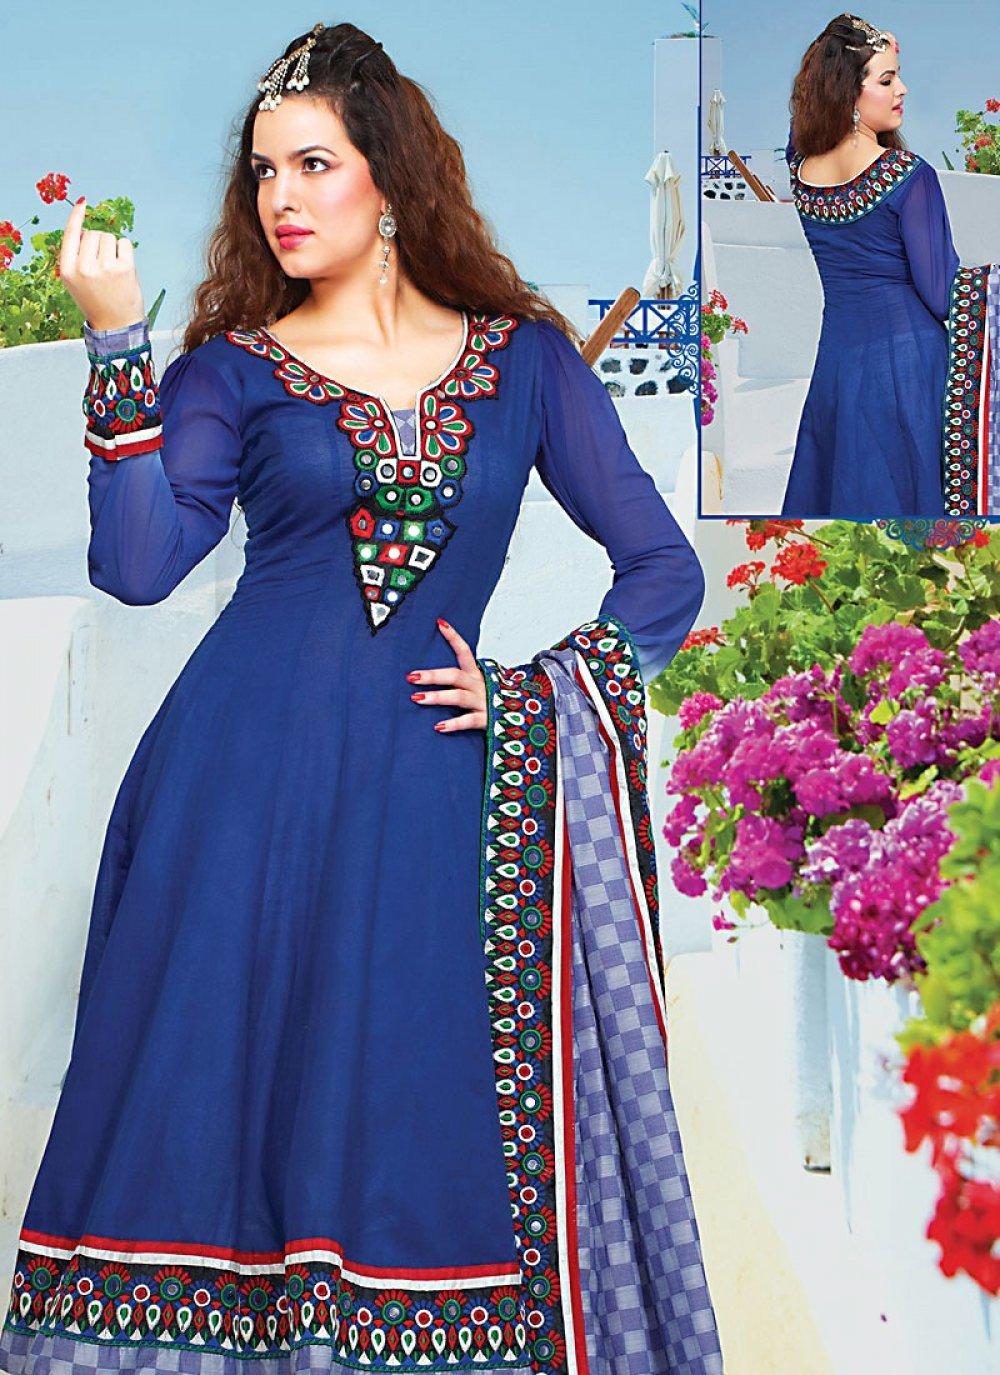 Decorative Blue Cotton Churidar Suit